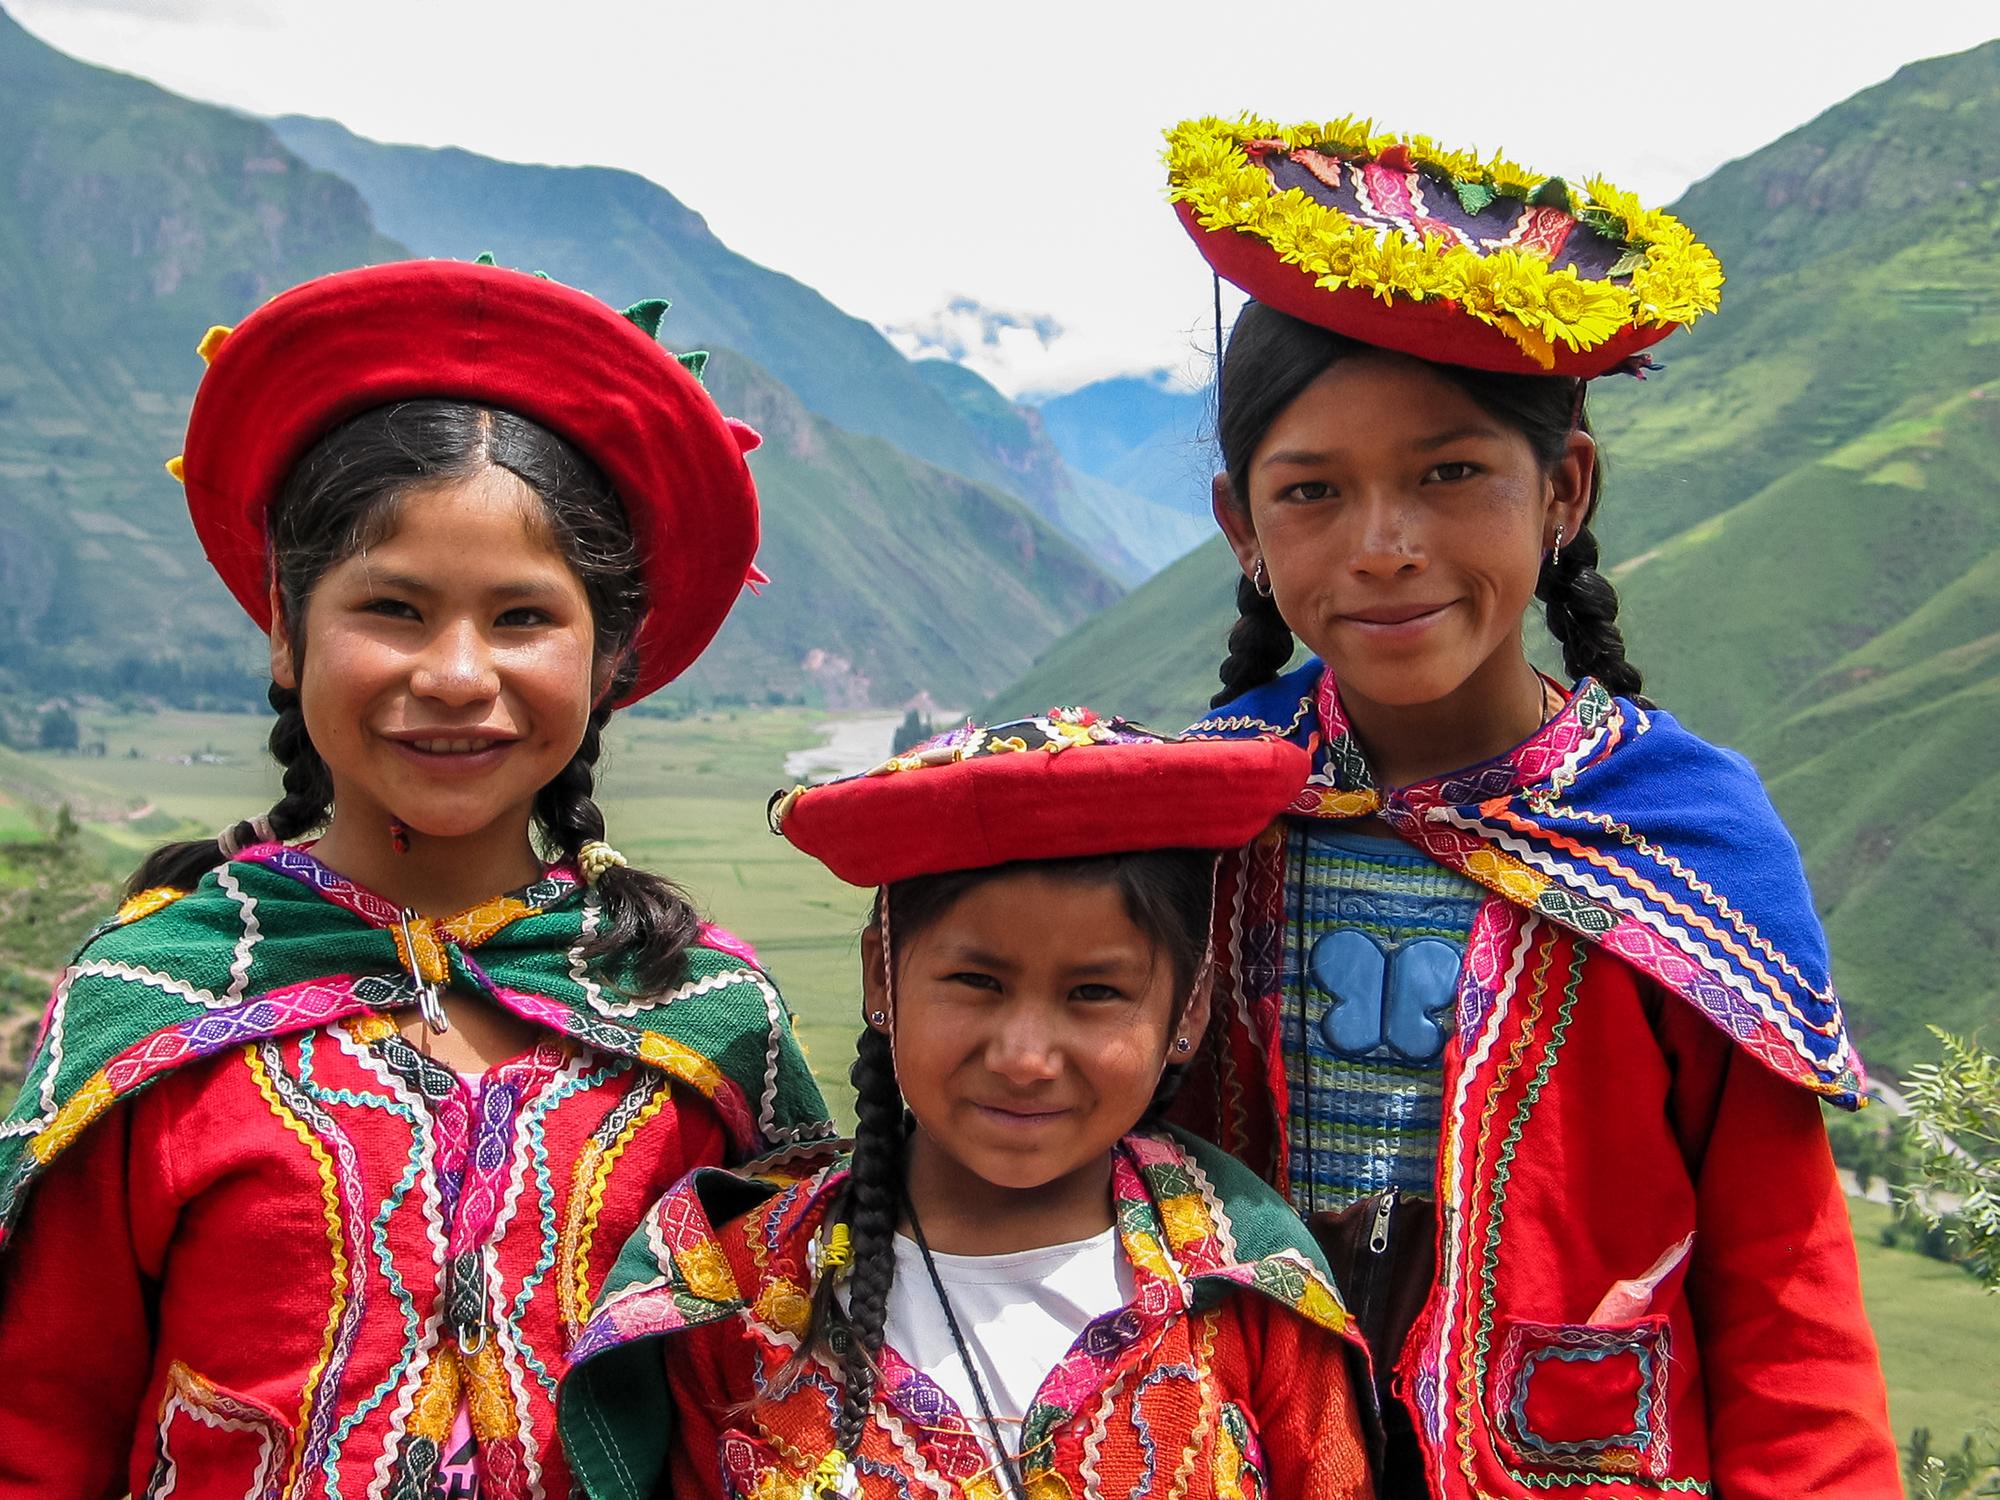 mieszkancy w strojach - Peru- kraj Inków- informacje ogólne